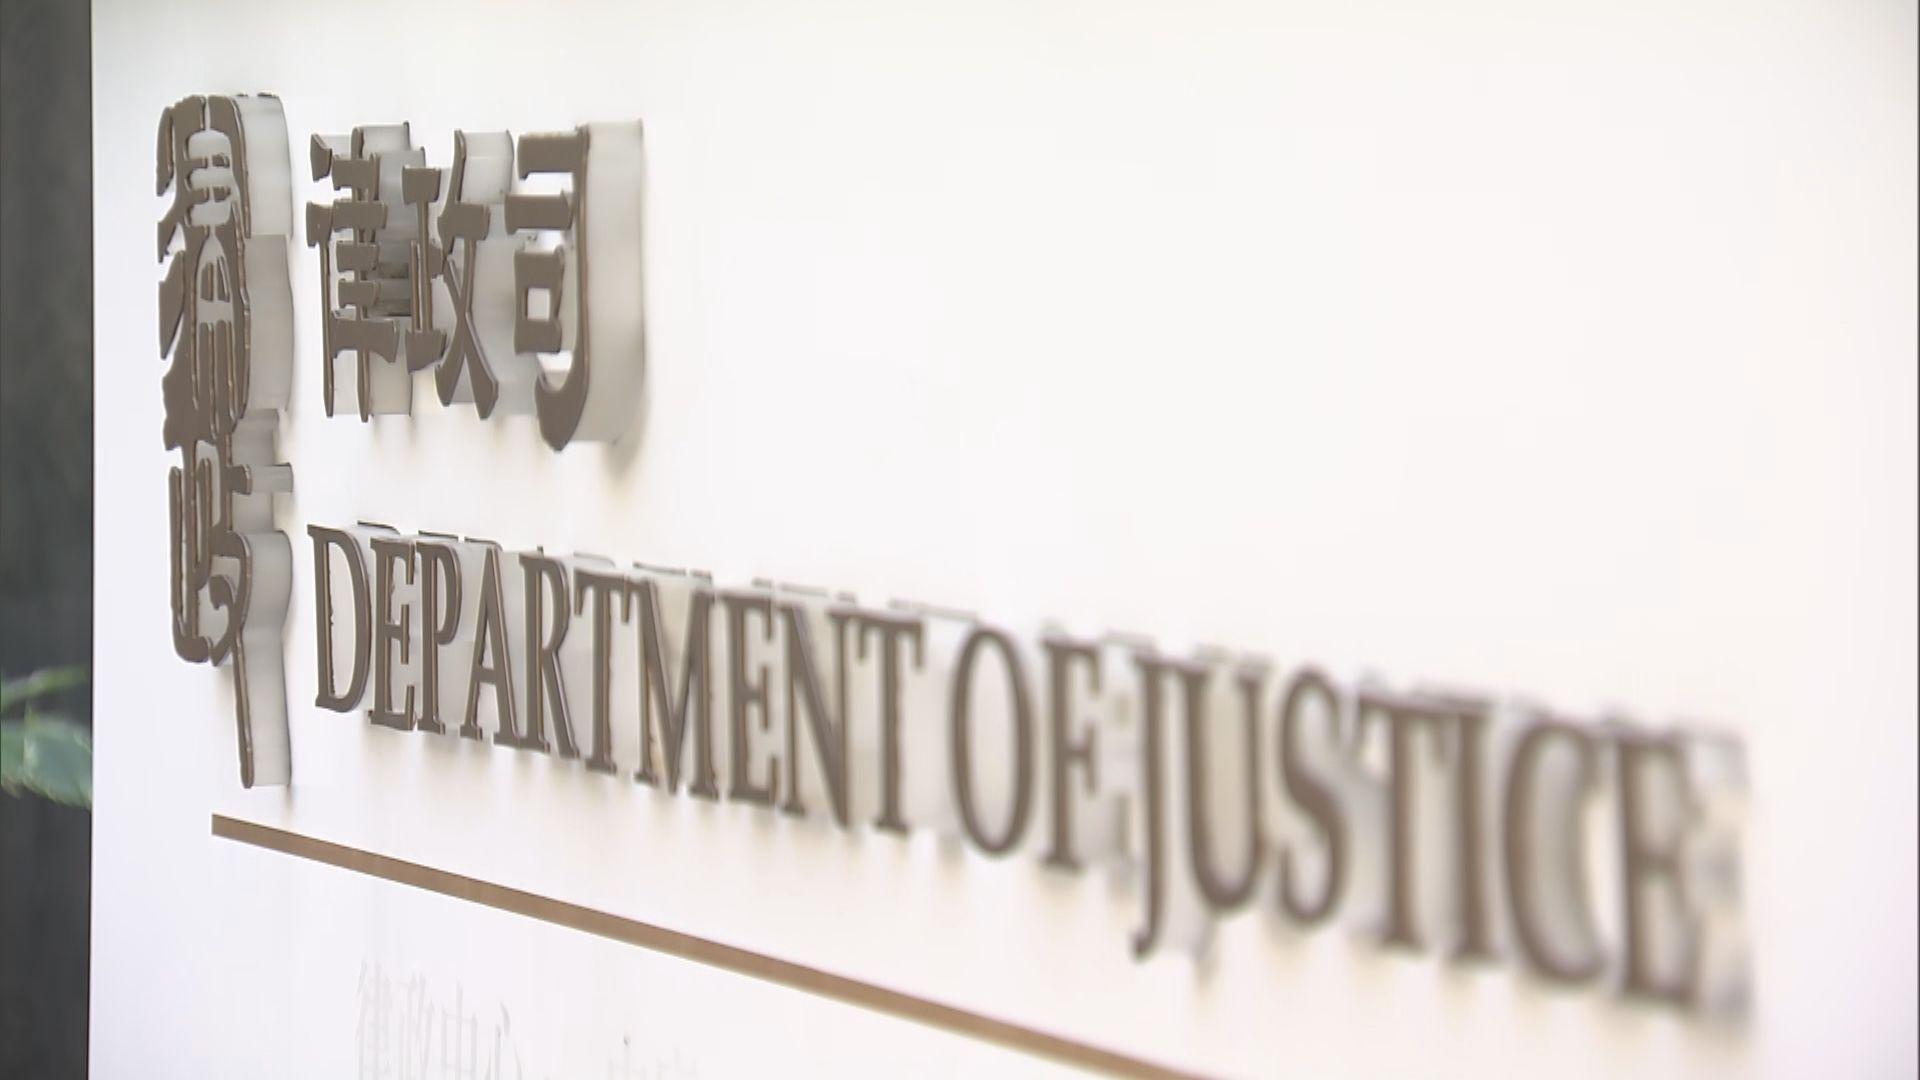 鄭若驊:去年提17宗刑期覆核 15宗獲判得直